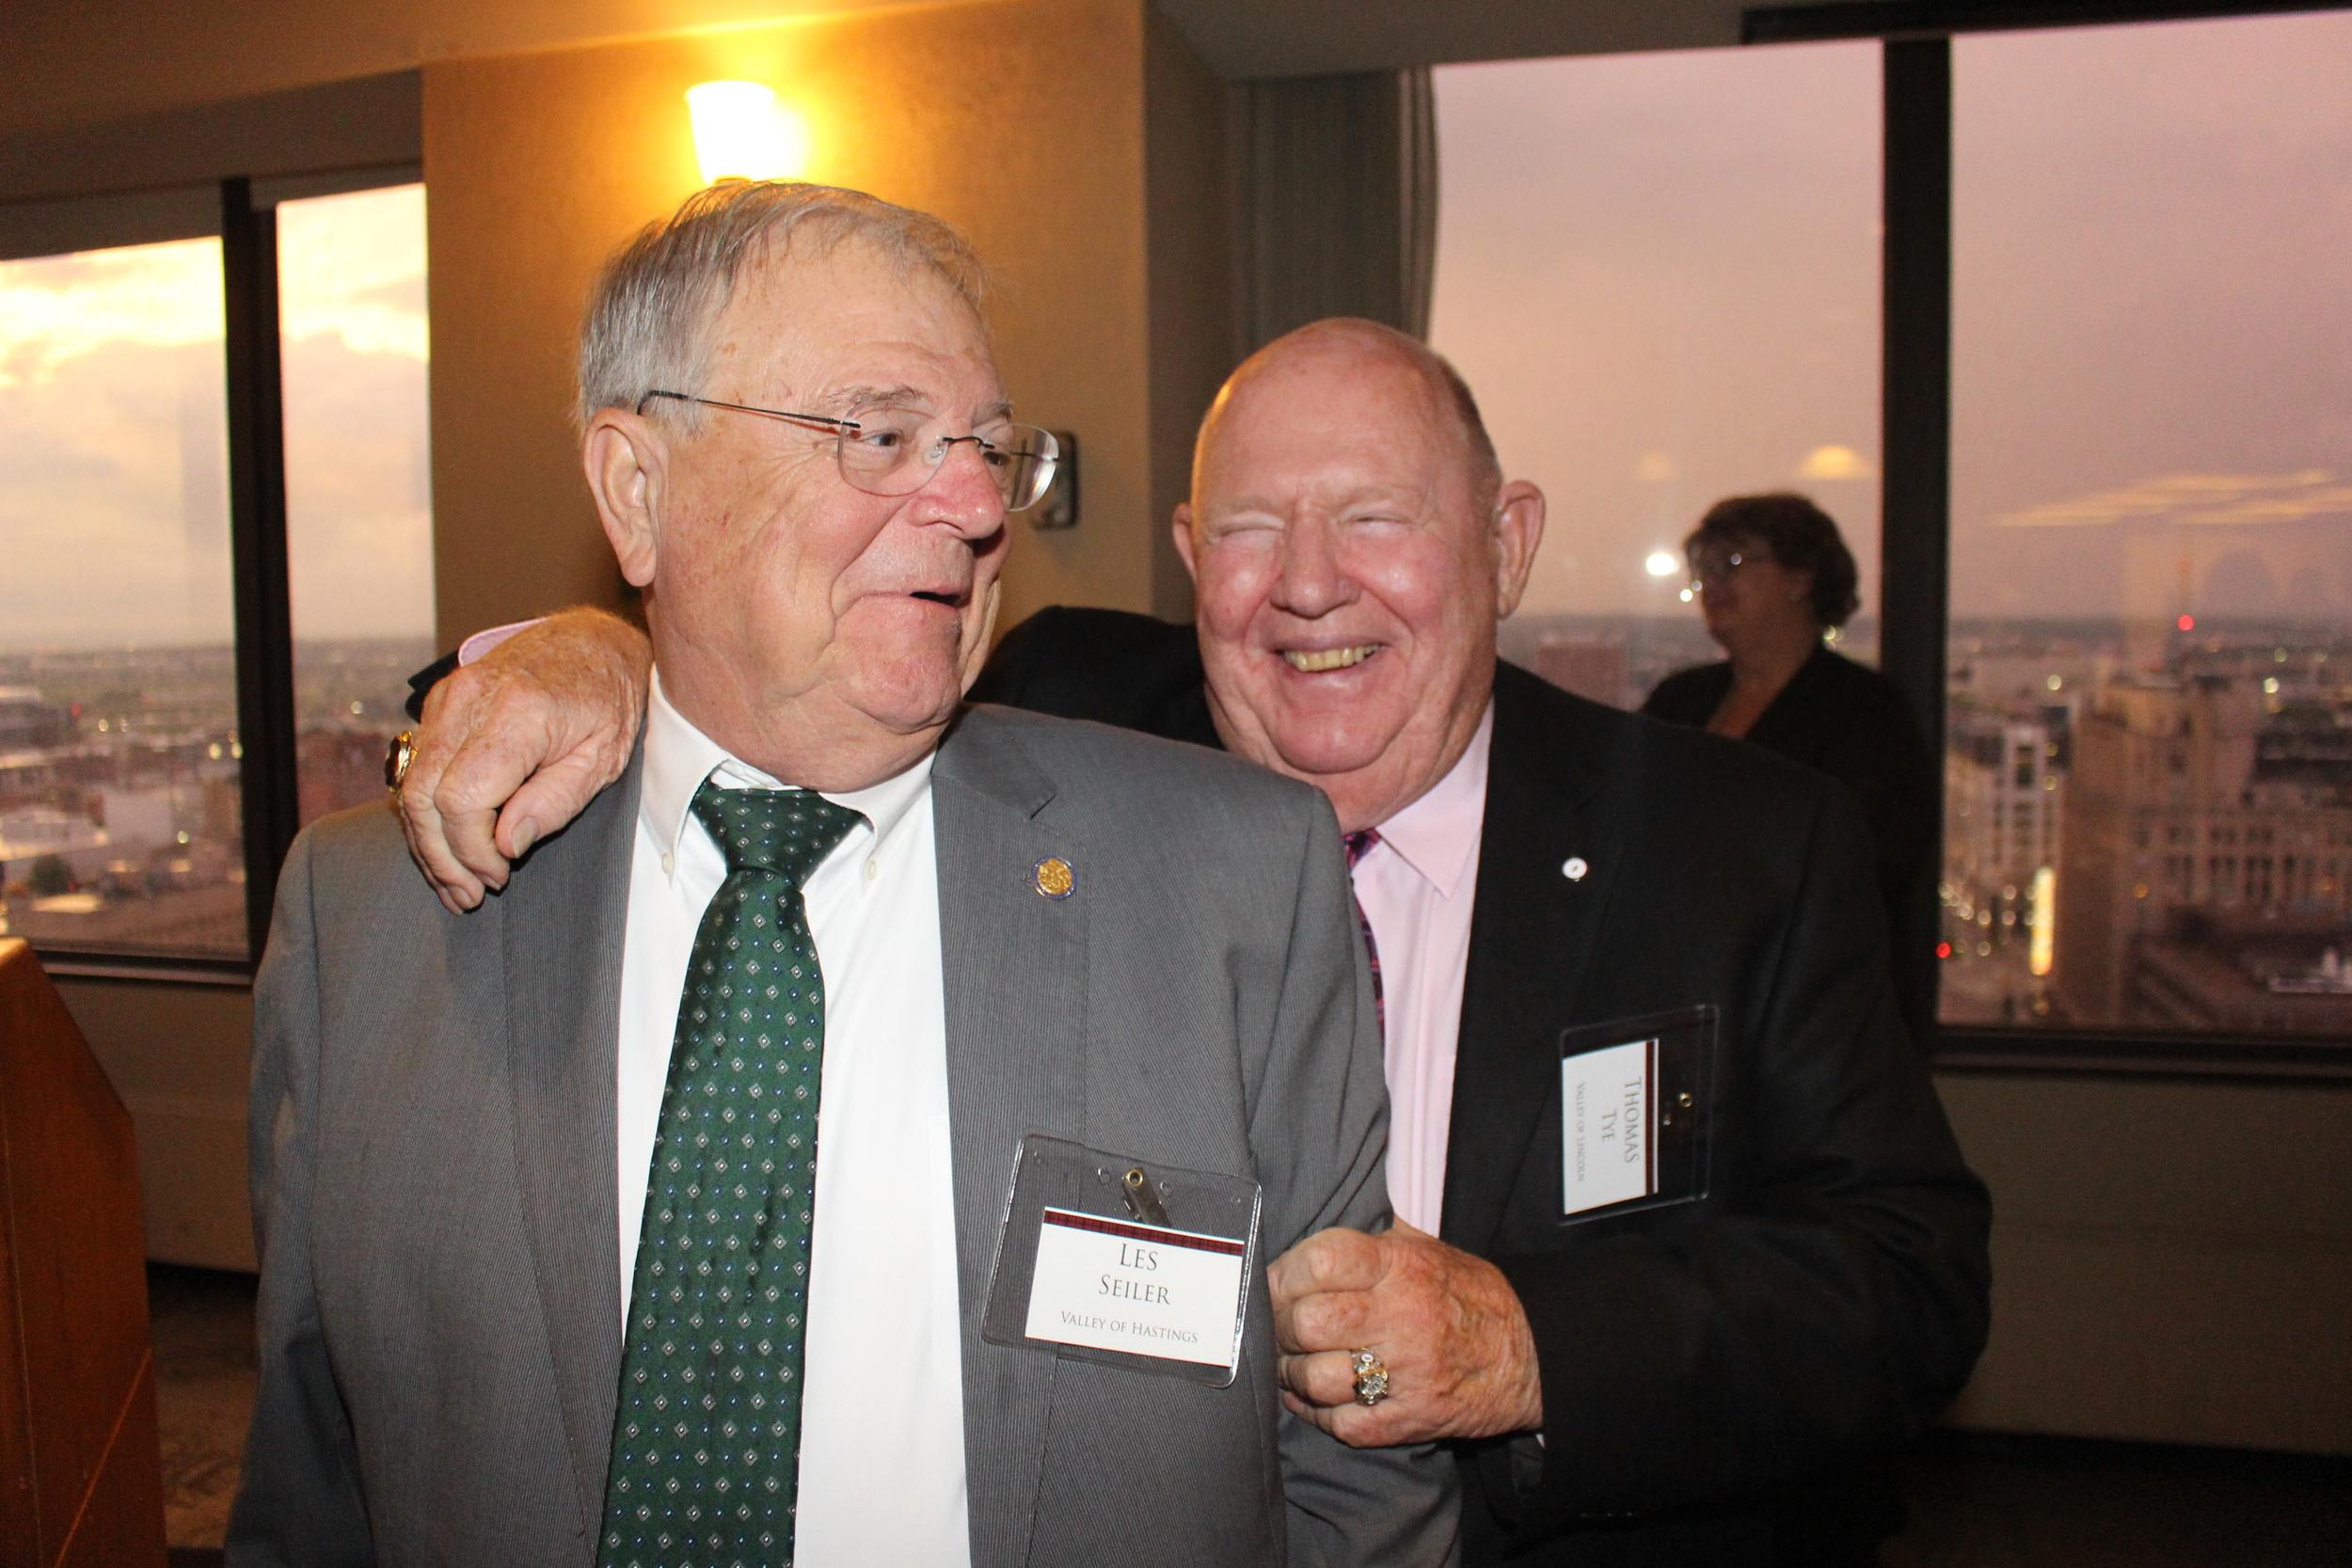 MW Les Seiler and MW Thomas Tye